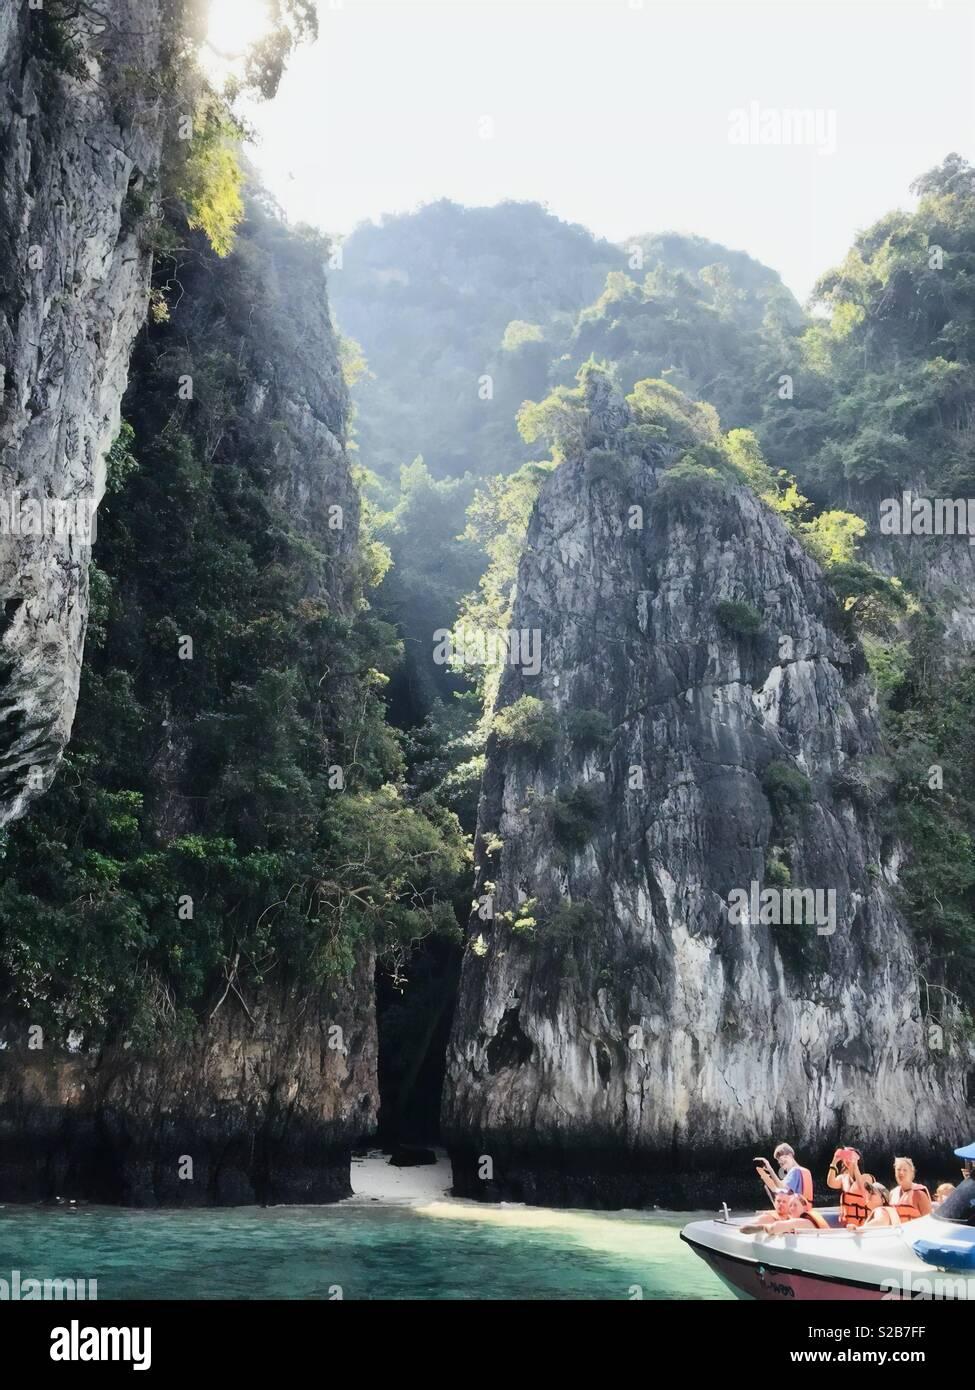 La mia vacanza a Krabi,della Thailandia. Tour in barca e roba ... Immagini Stock